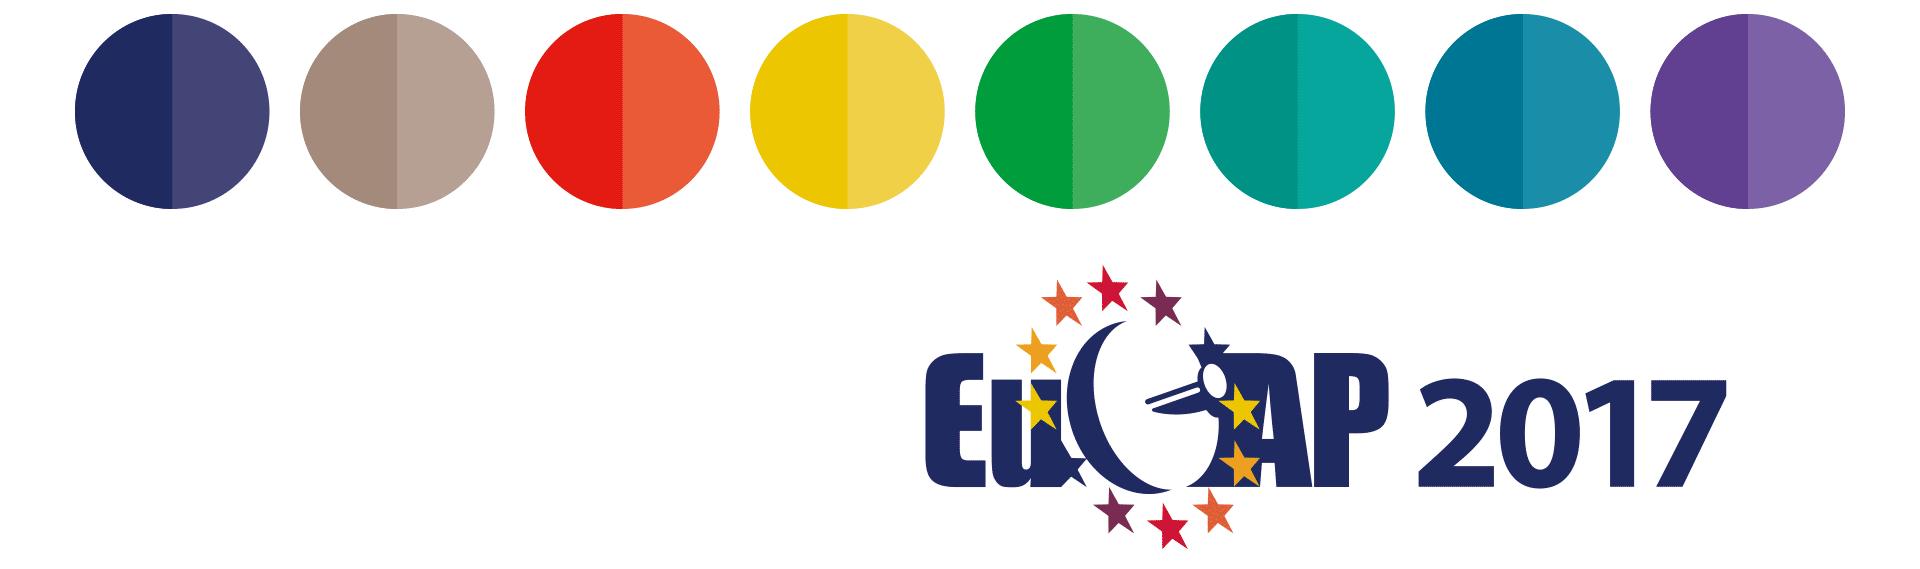 Eucap logo 2017